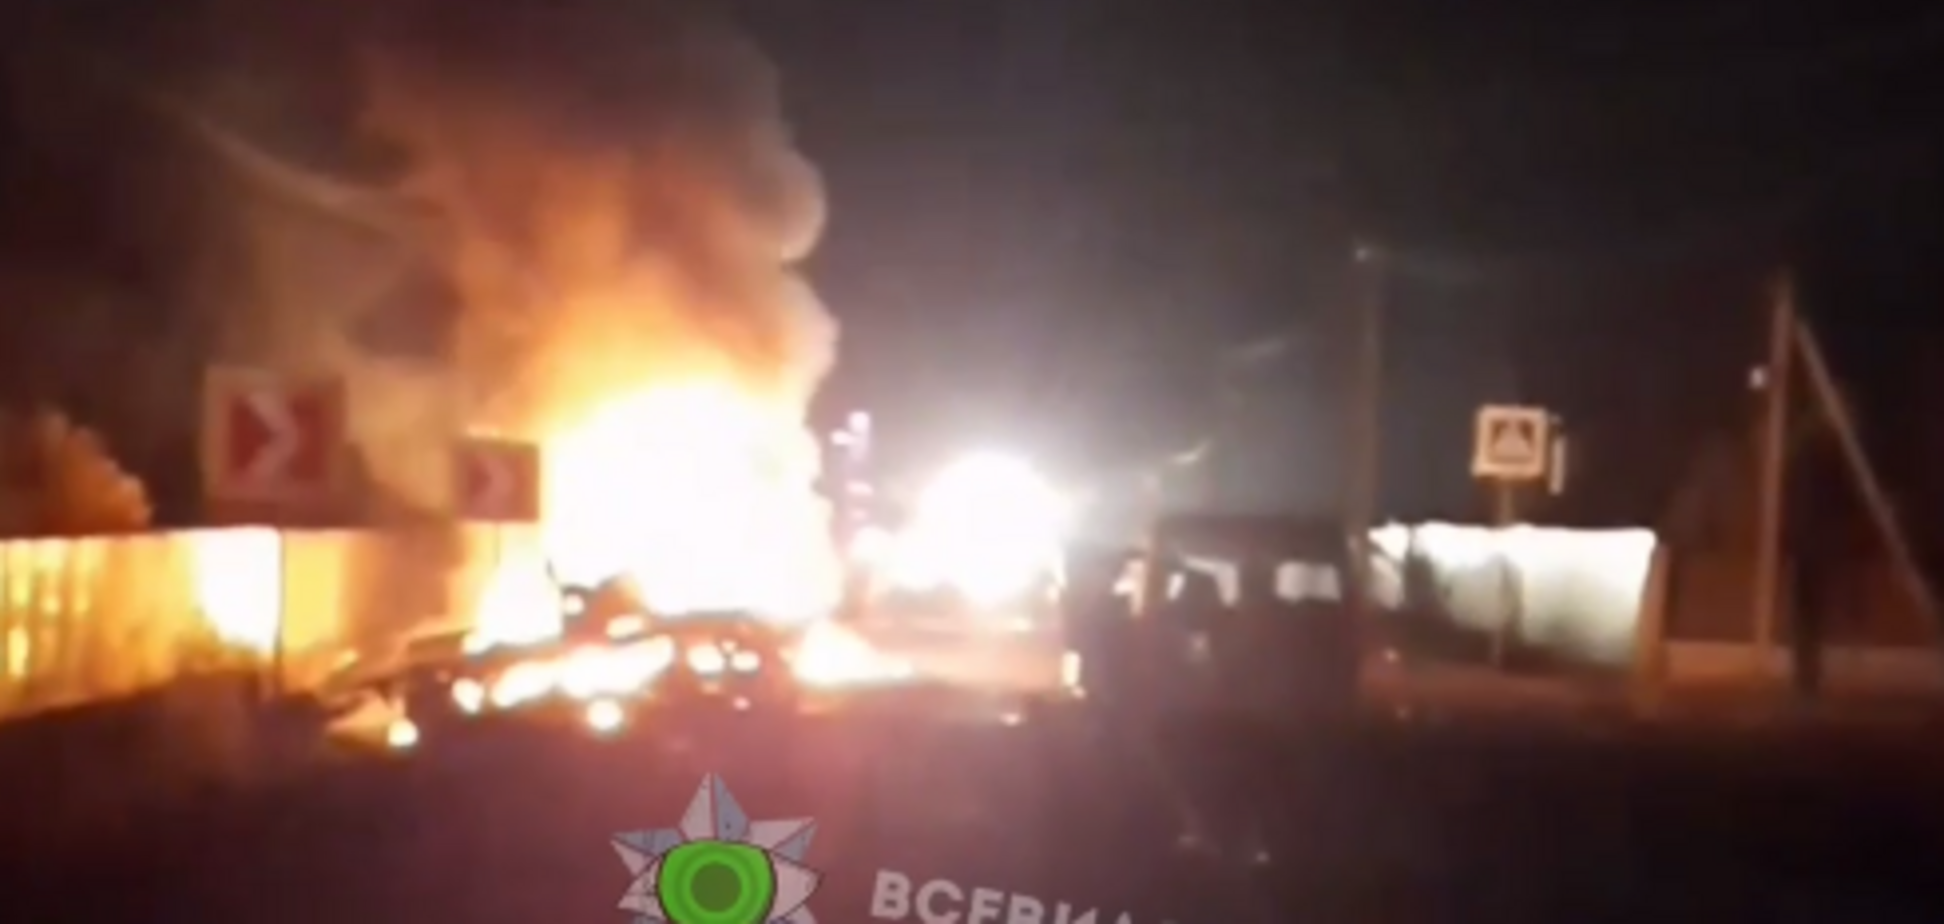 Момент пожара после ДТП, в котором погибли полицейский и пограничник, попал на видео